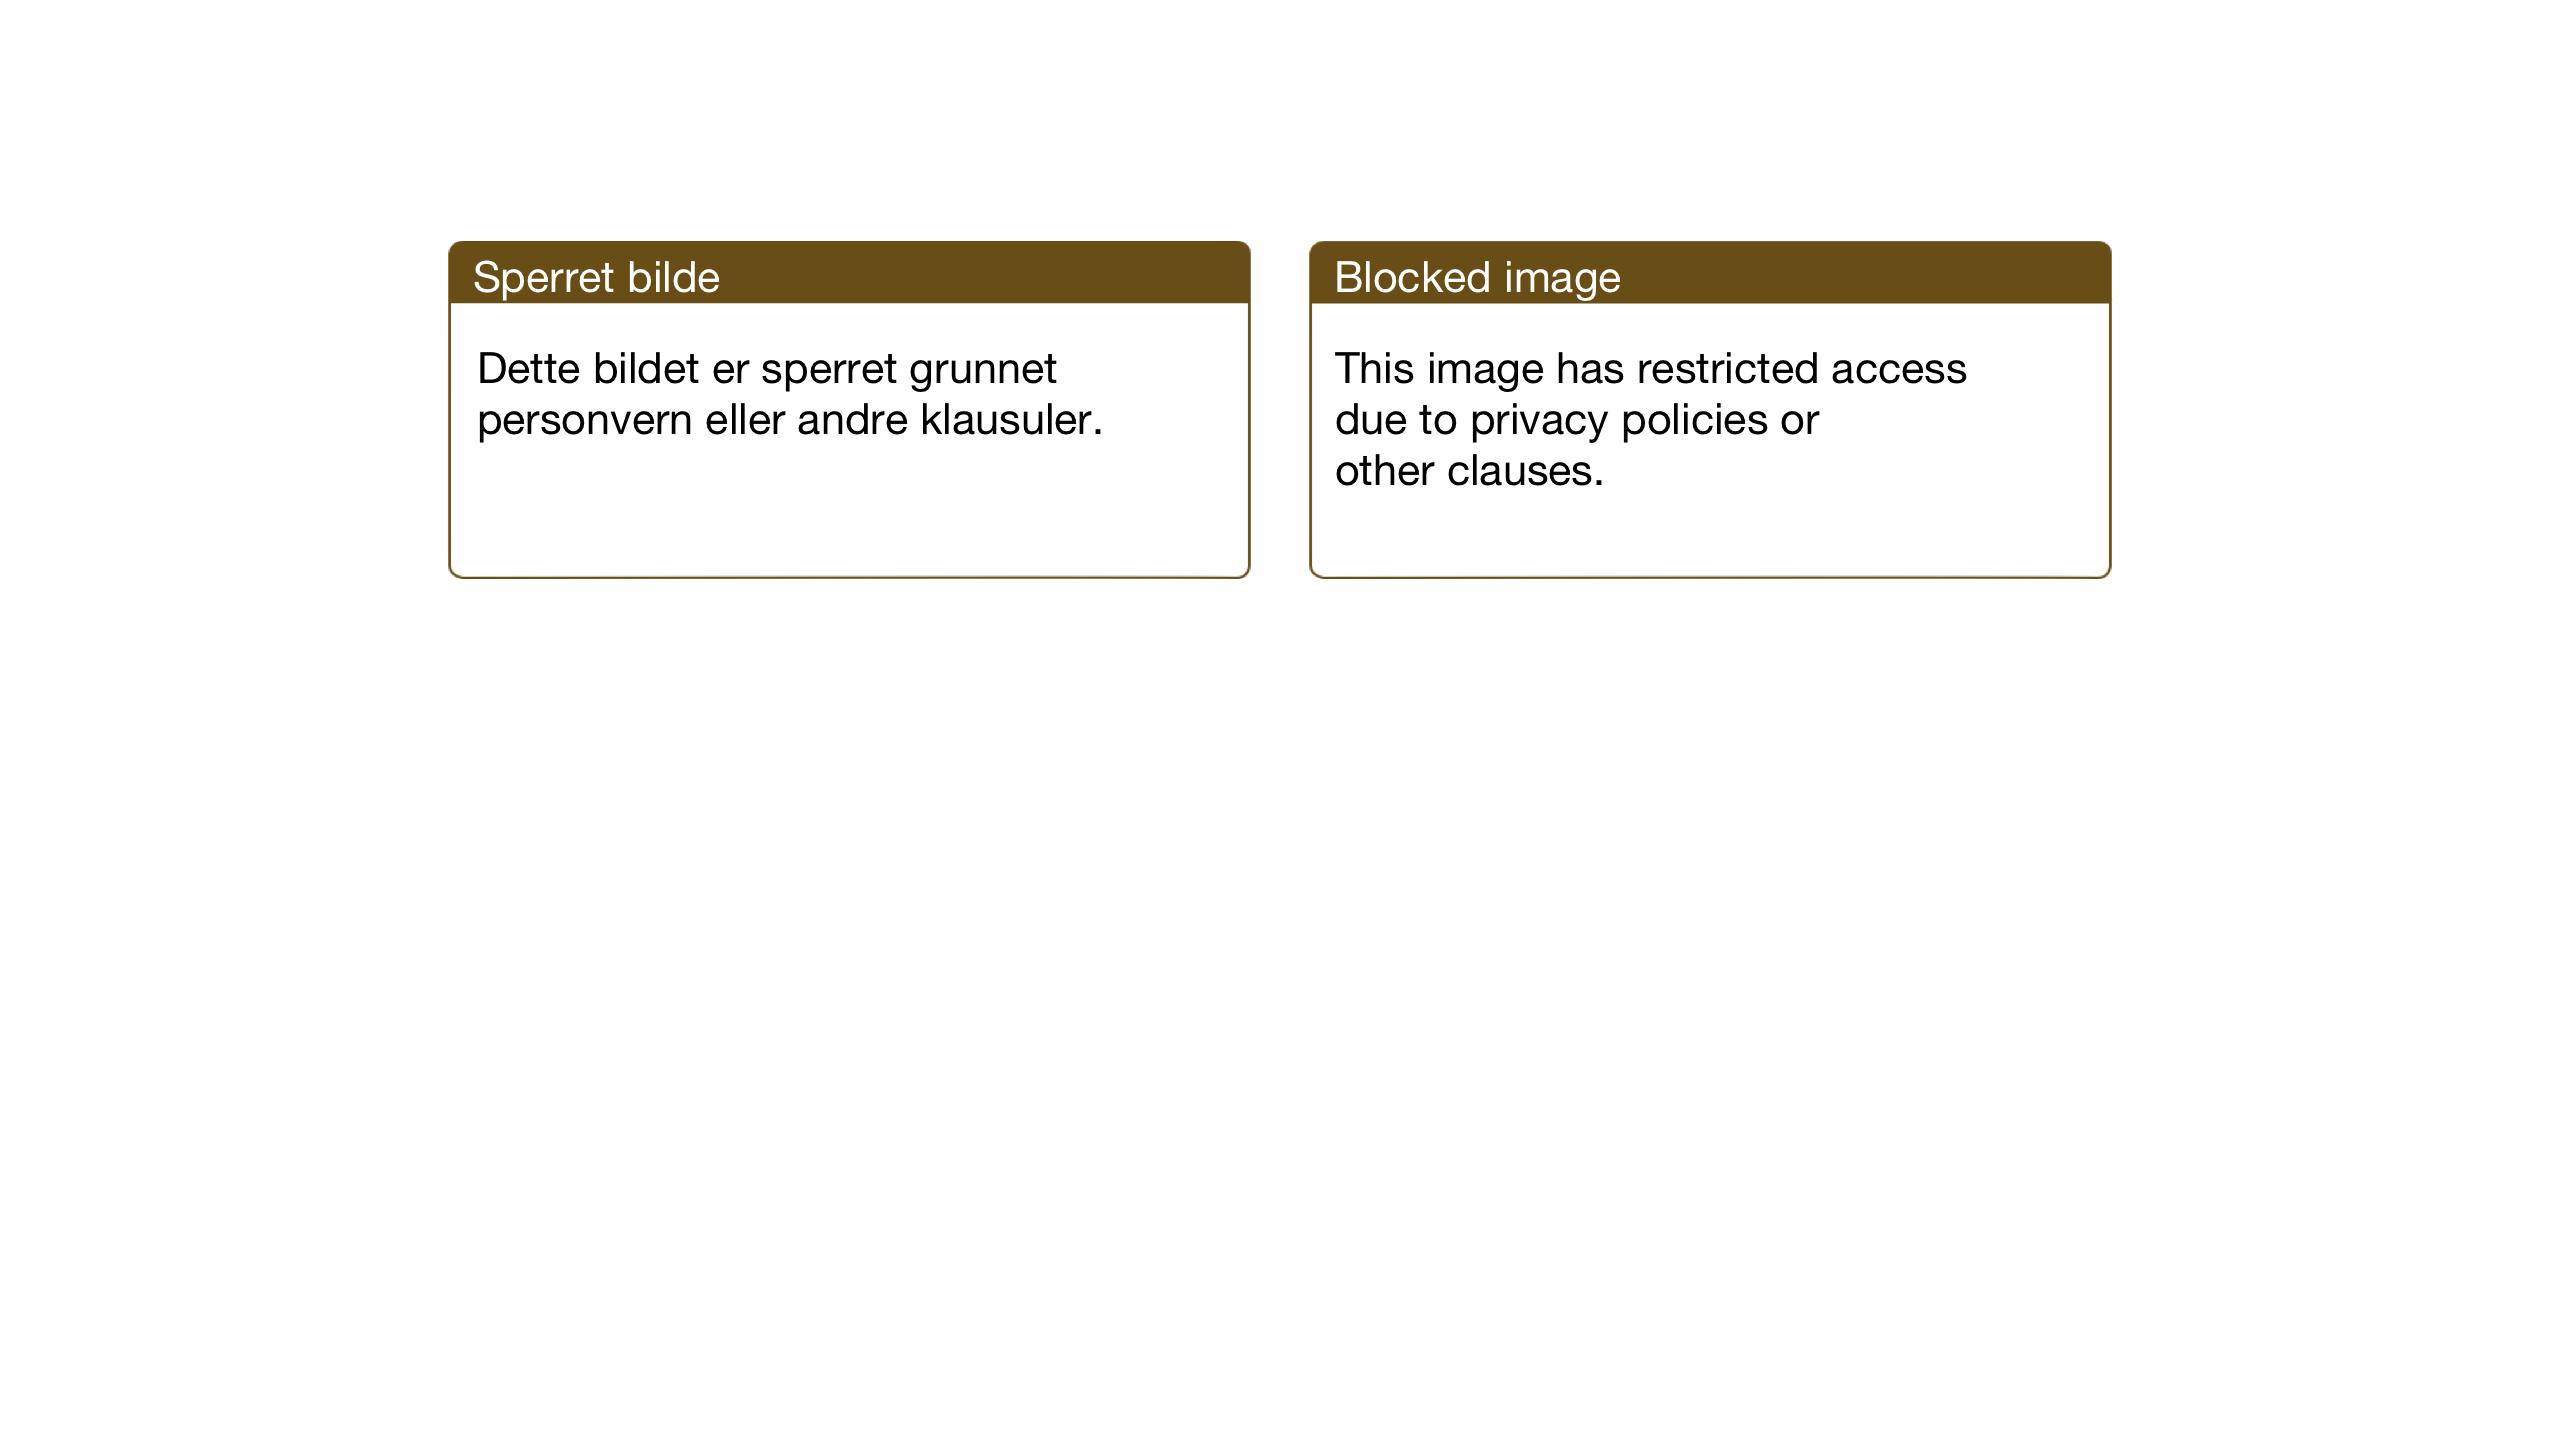 SAT, Ministerialprotokoller, klokkerbøker og fødselsregistre - Sør-Trøndelag, 611/L0358: Klokkerbok nr. 611C06, 1943-1946, s. 95